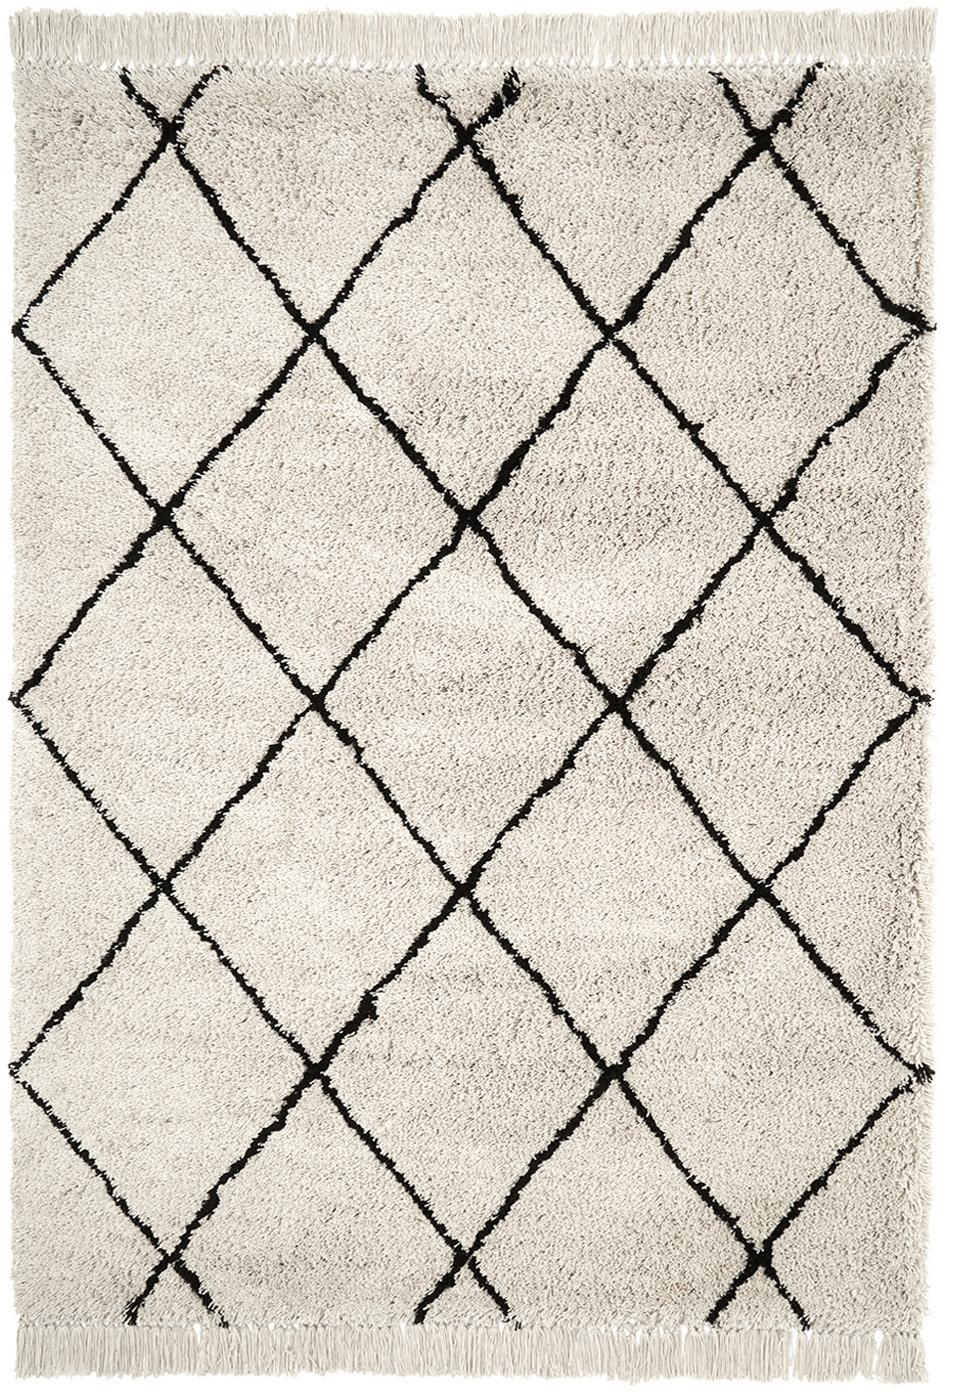 Flauschiger Hochflor-Teppich Naima mit Fransen, handgetuftet, Flor: Polyester, Beige, Schwarz, B 200 x L 300 cm (Grösse L)